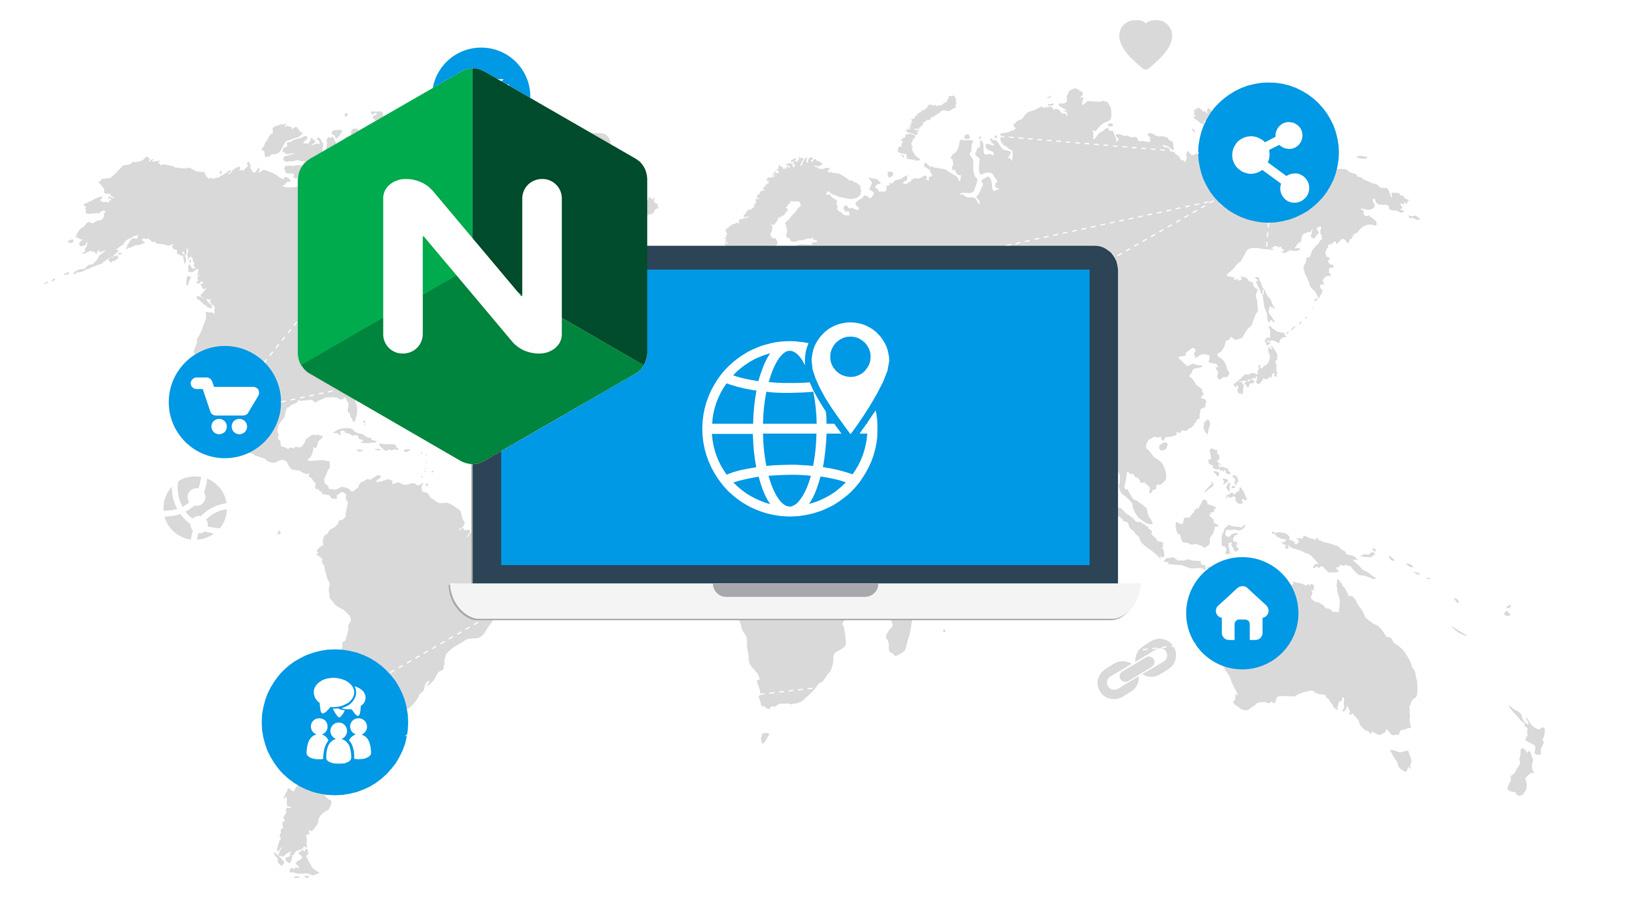 如何给NGINX安装ngx_http_geoip2_module模块